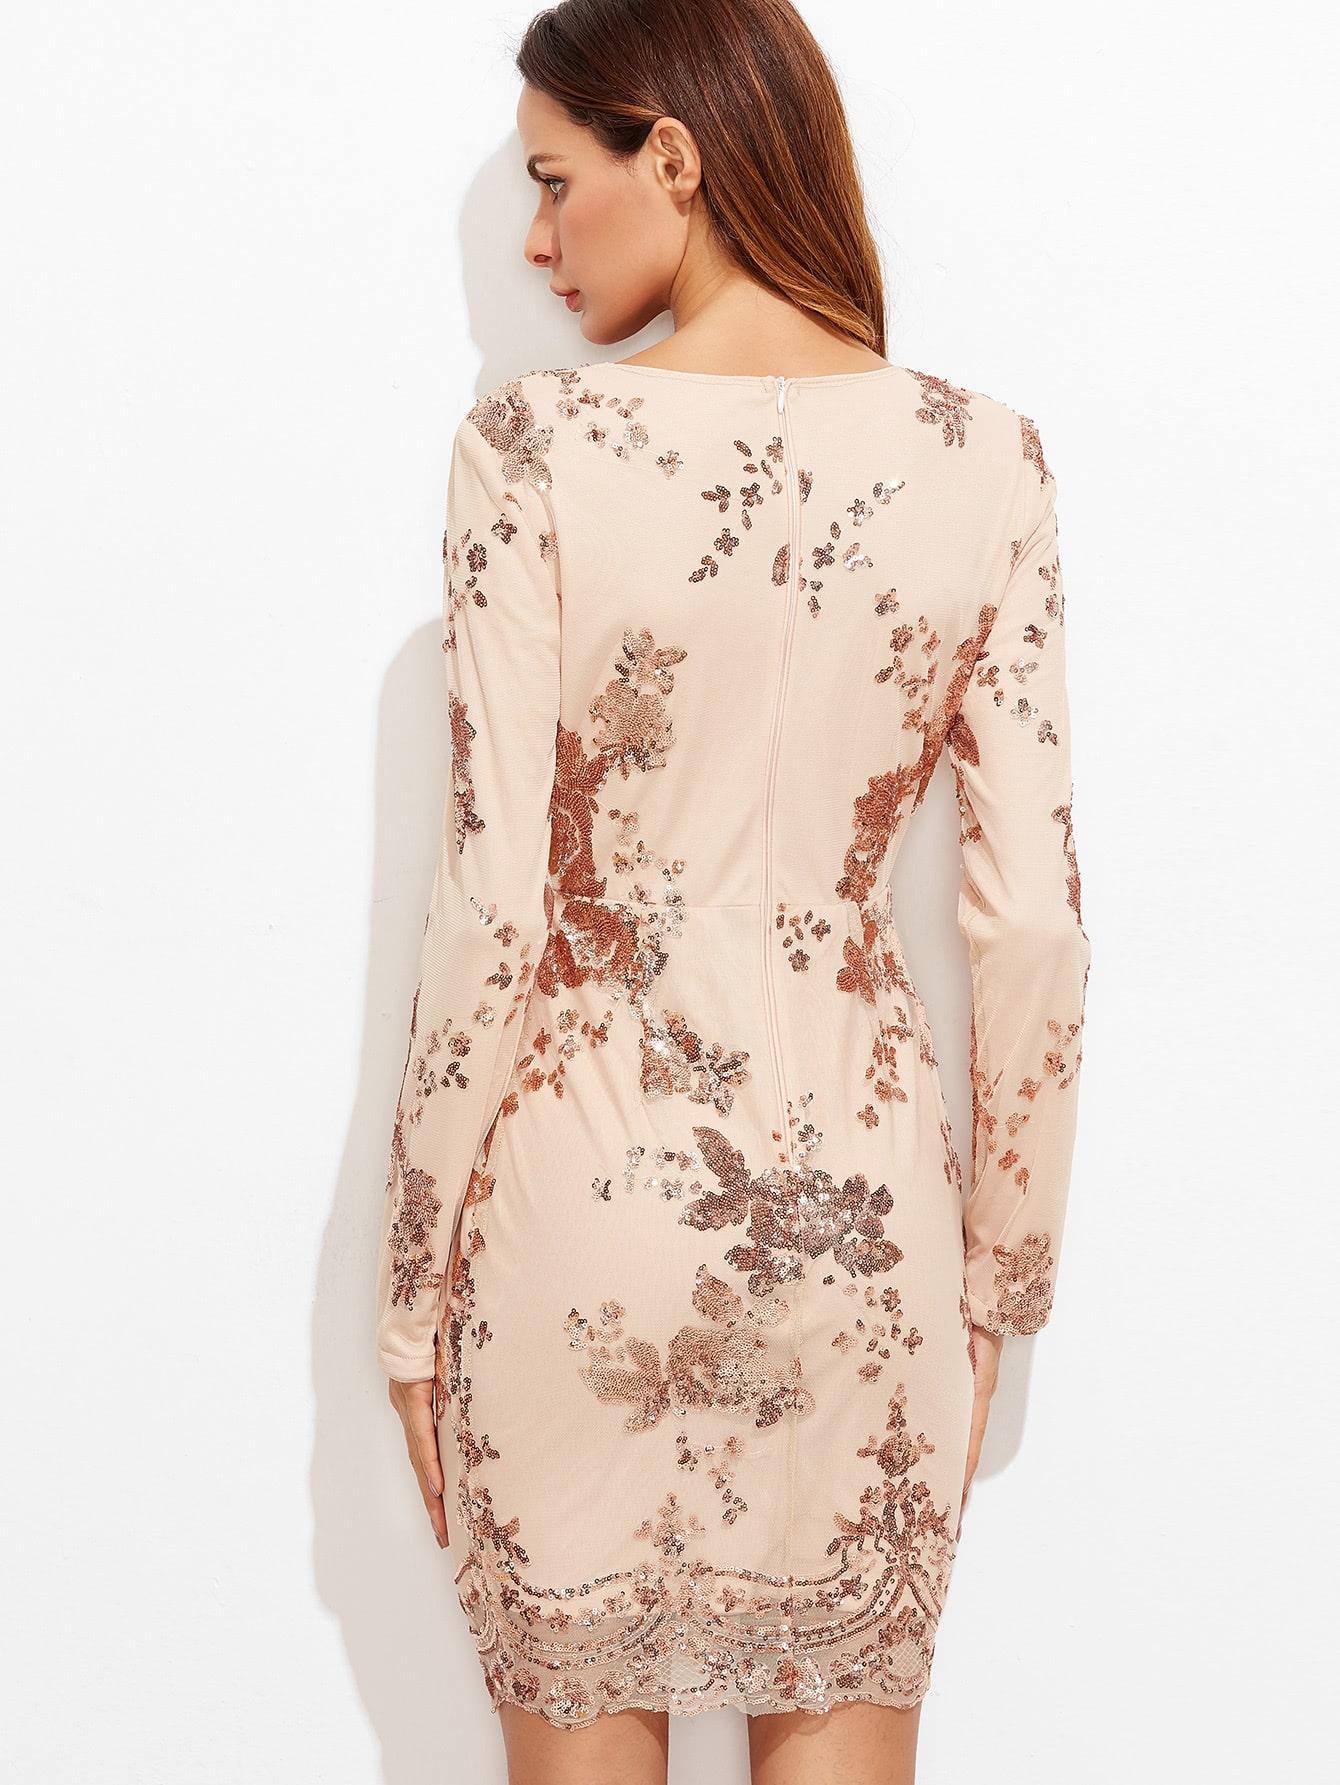 dress161202743_2